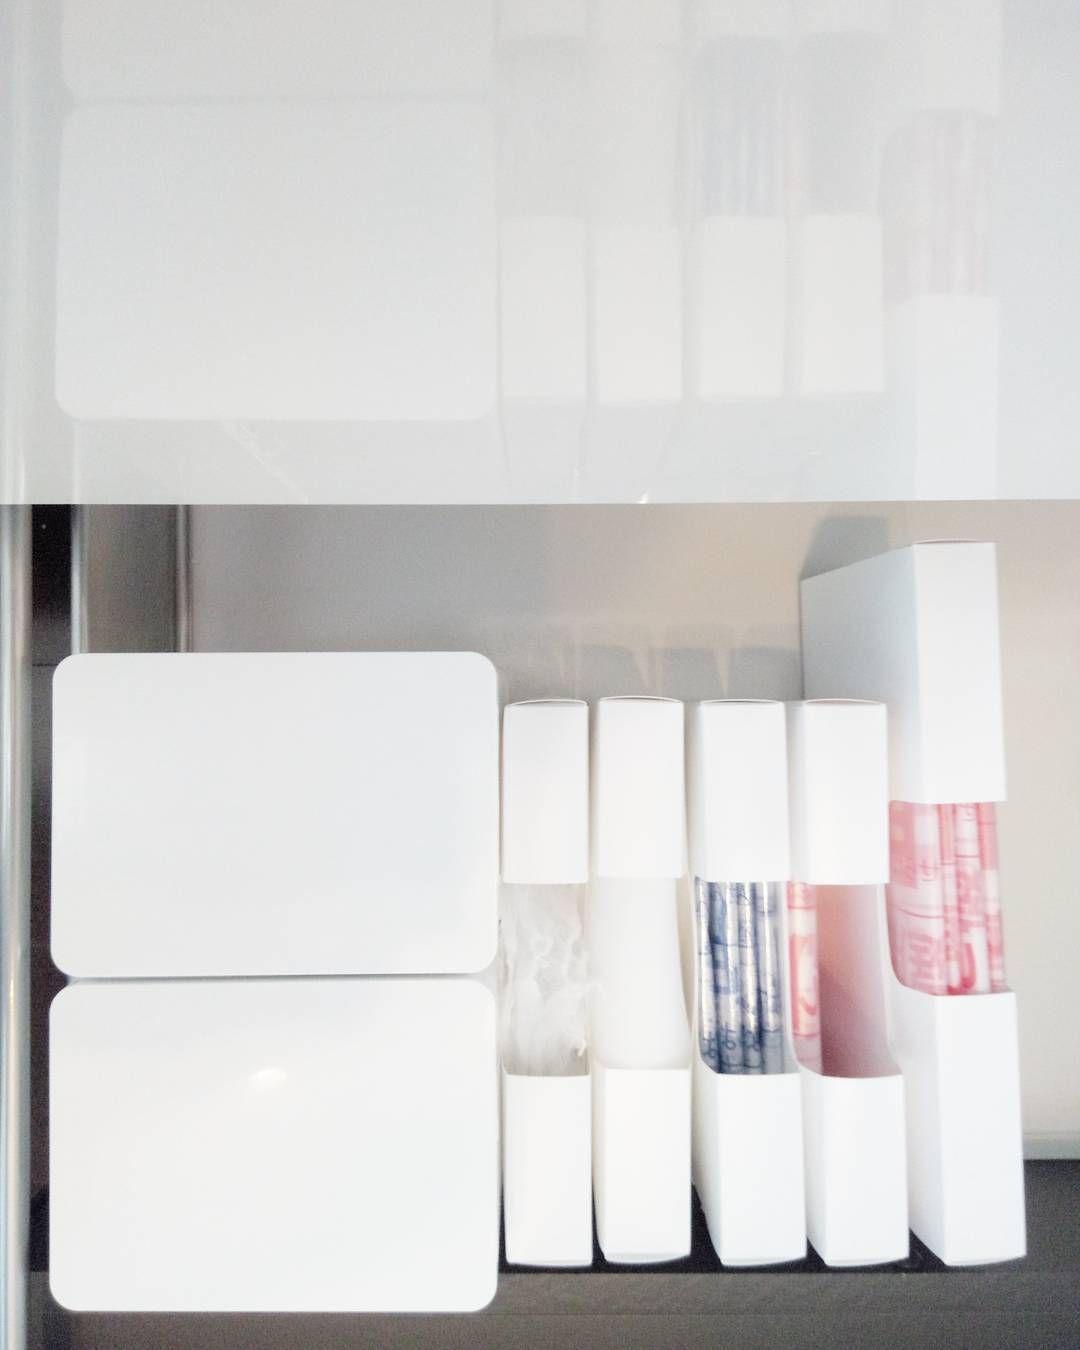 さらばポリ袋のゴチャつき セリア キッチン消耗品収納ケース で整頓上手 Macaroni インテリア 収納 収納 収納 アイデア